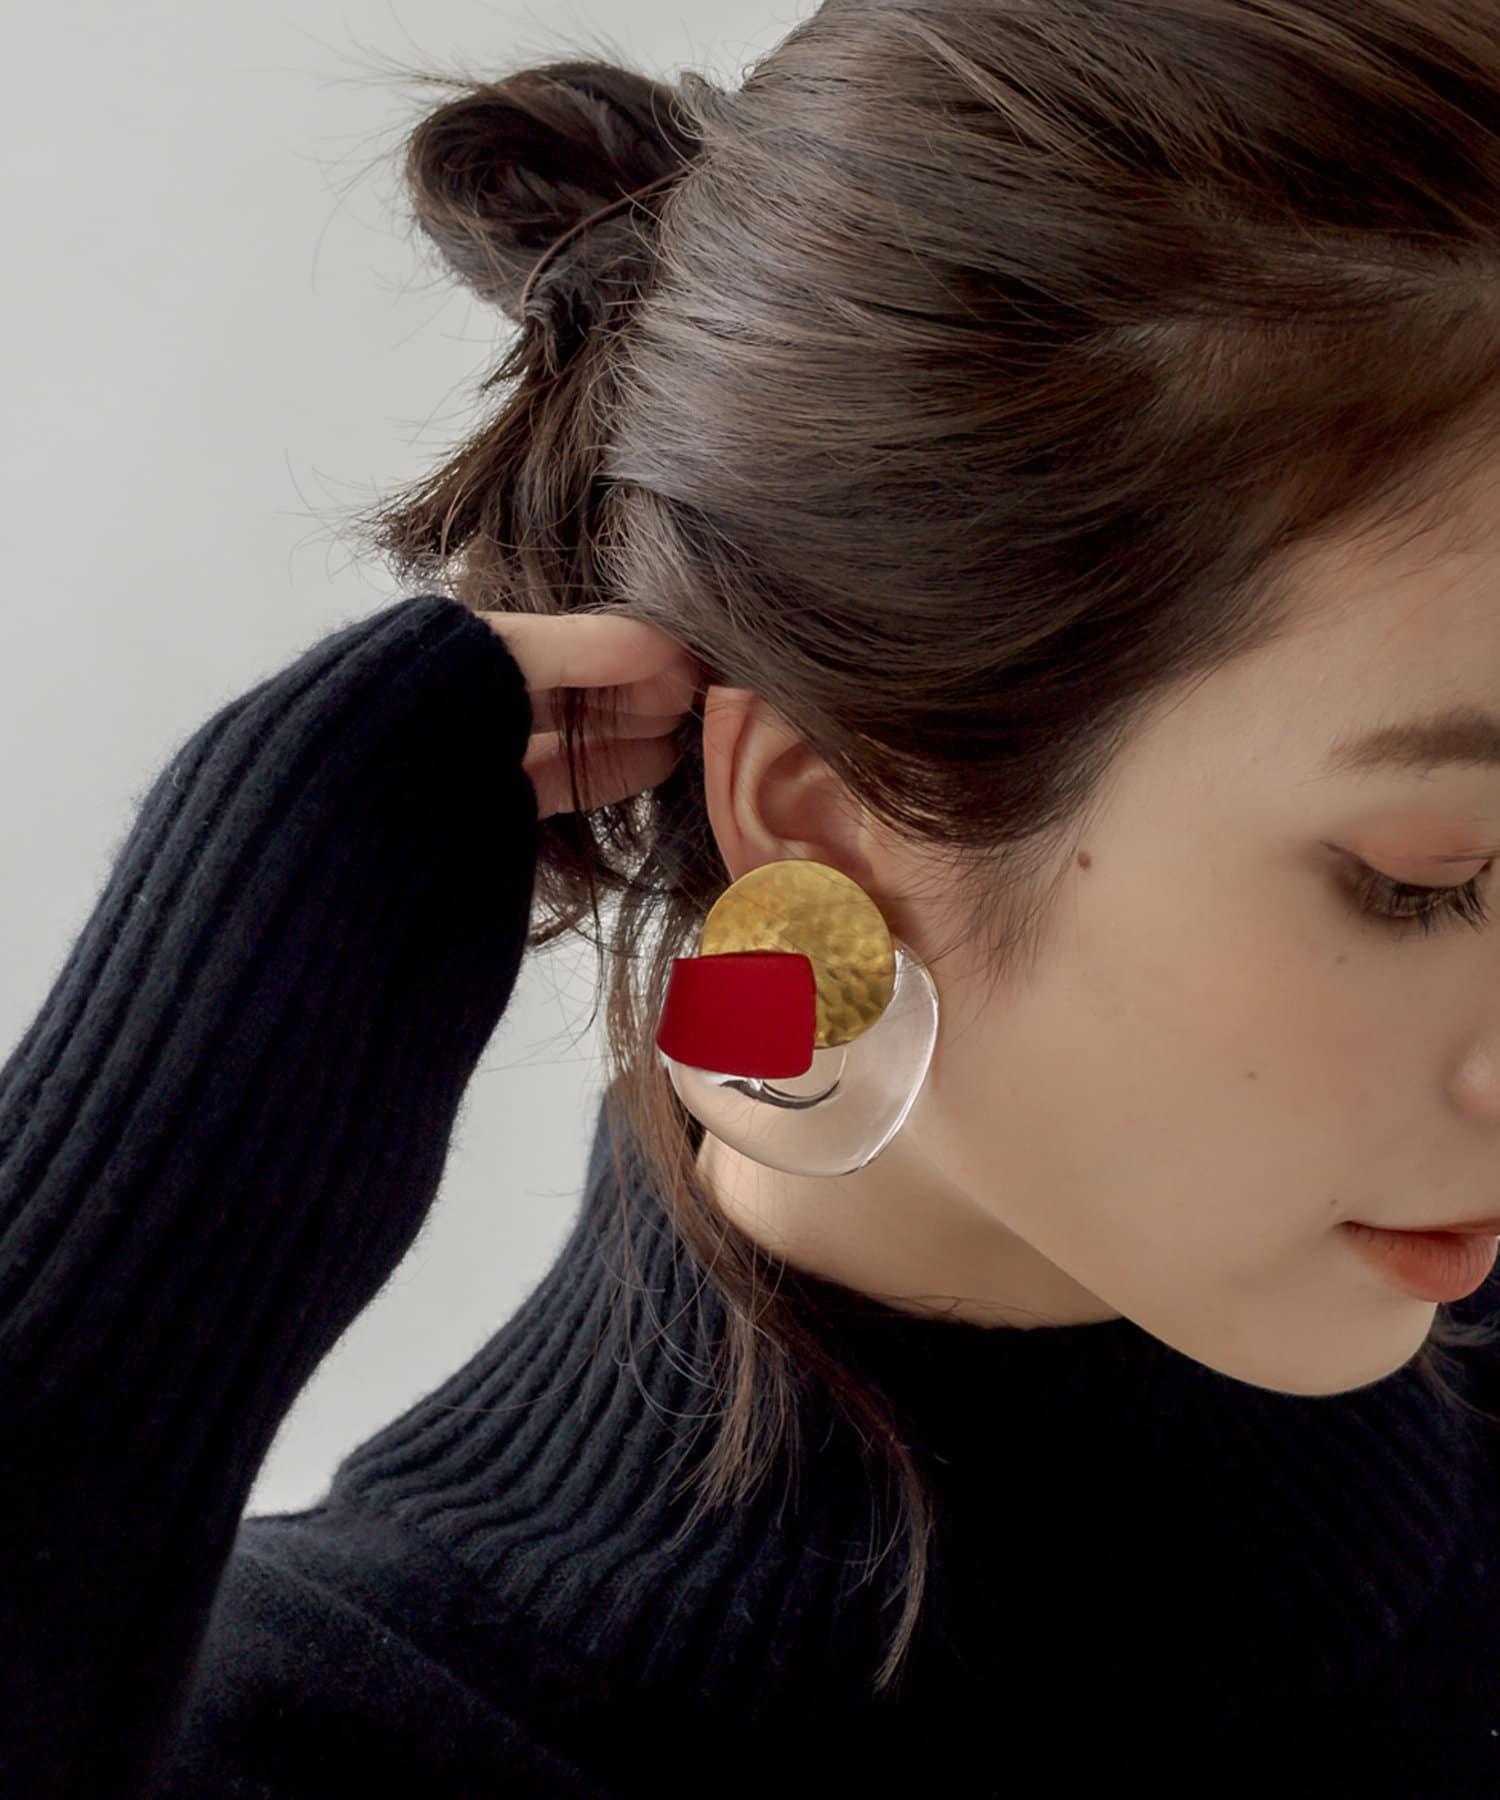 La boutique BonBon(ラブティックボンボン) 《予約》【秋を感じるレッド・HUI(ヒュイ)】PALLETイヤリング